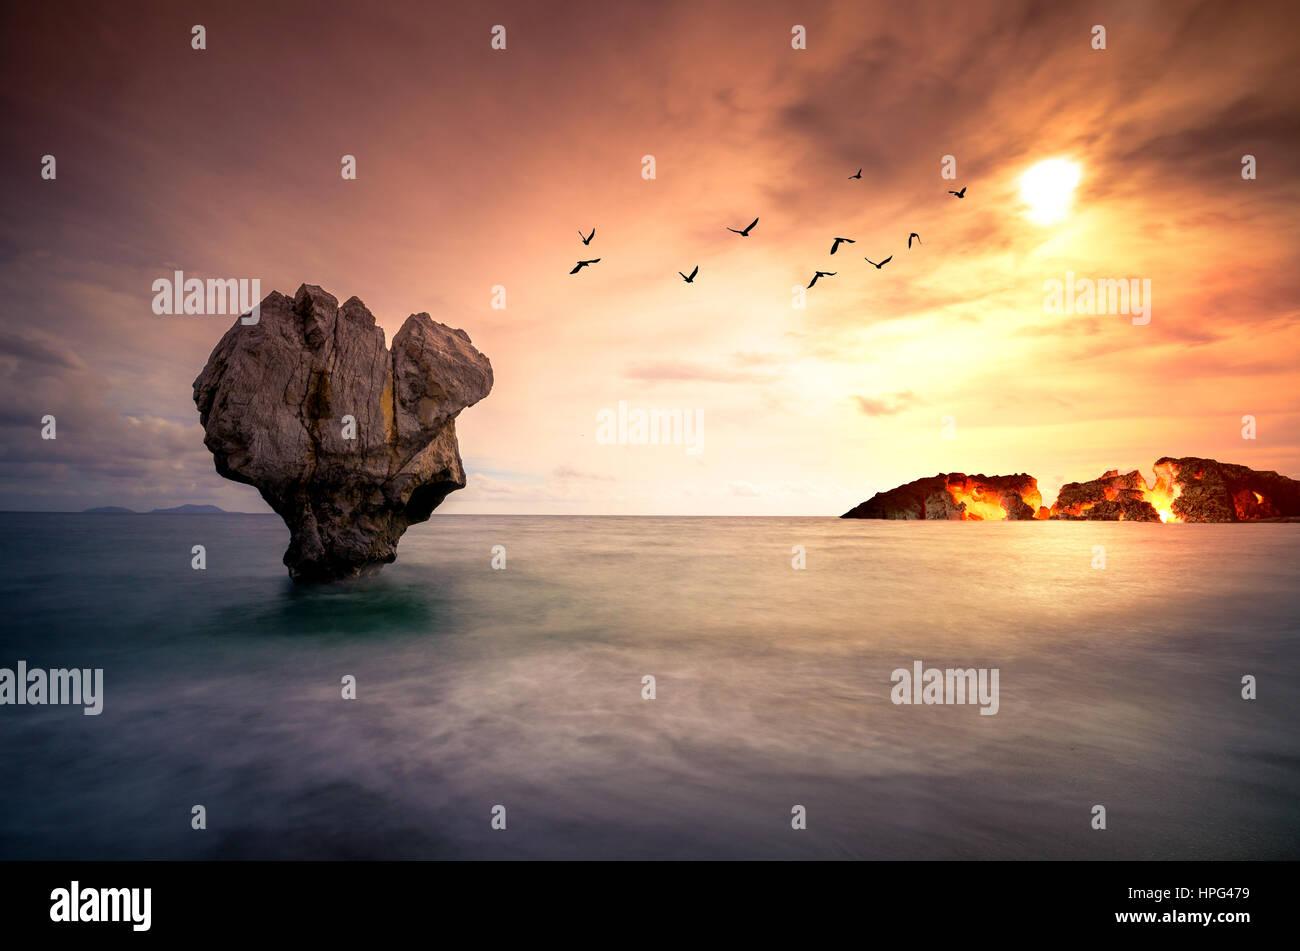 Arte con lonely scultura in pietra nel mare con sagome di uccelli in volo e un'isola che brucia sotto il tramonto. Immagini Stock